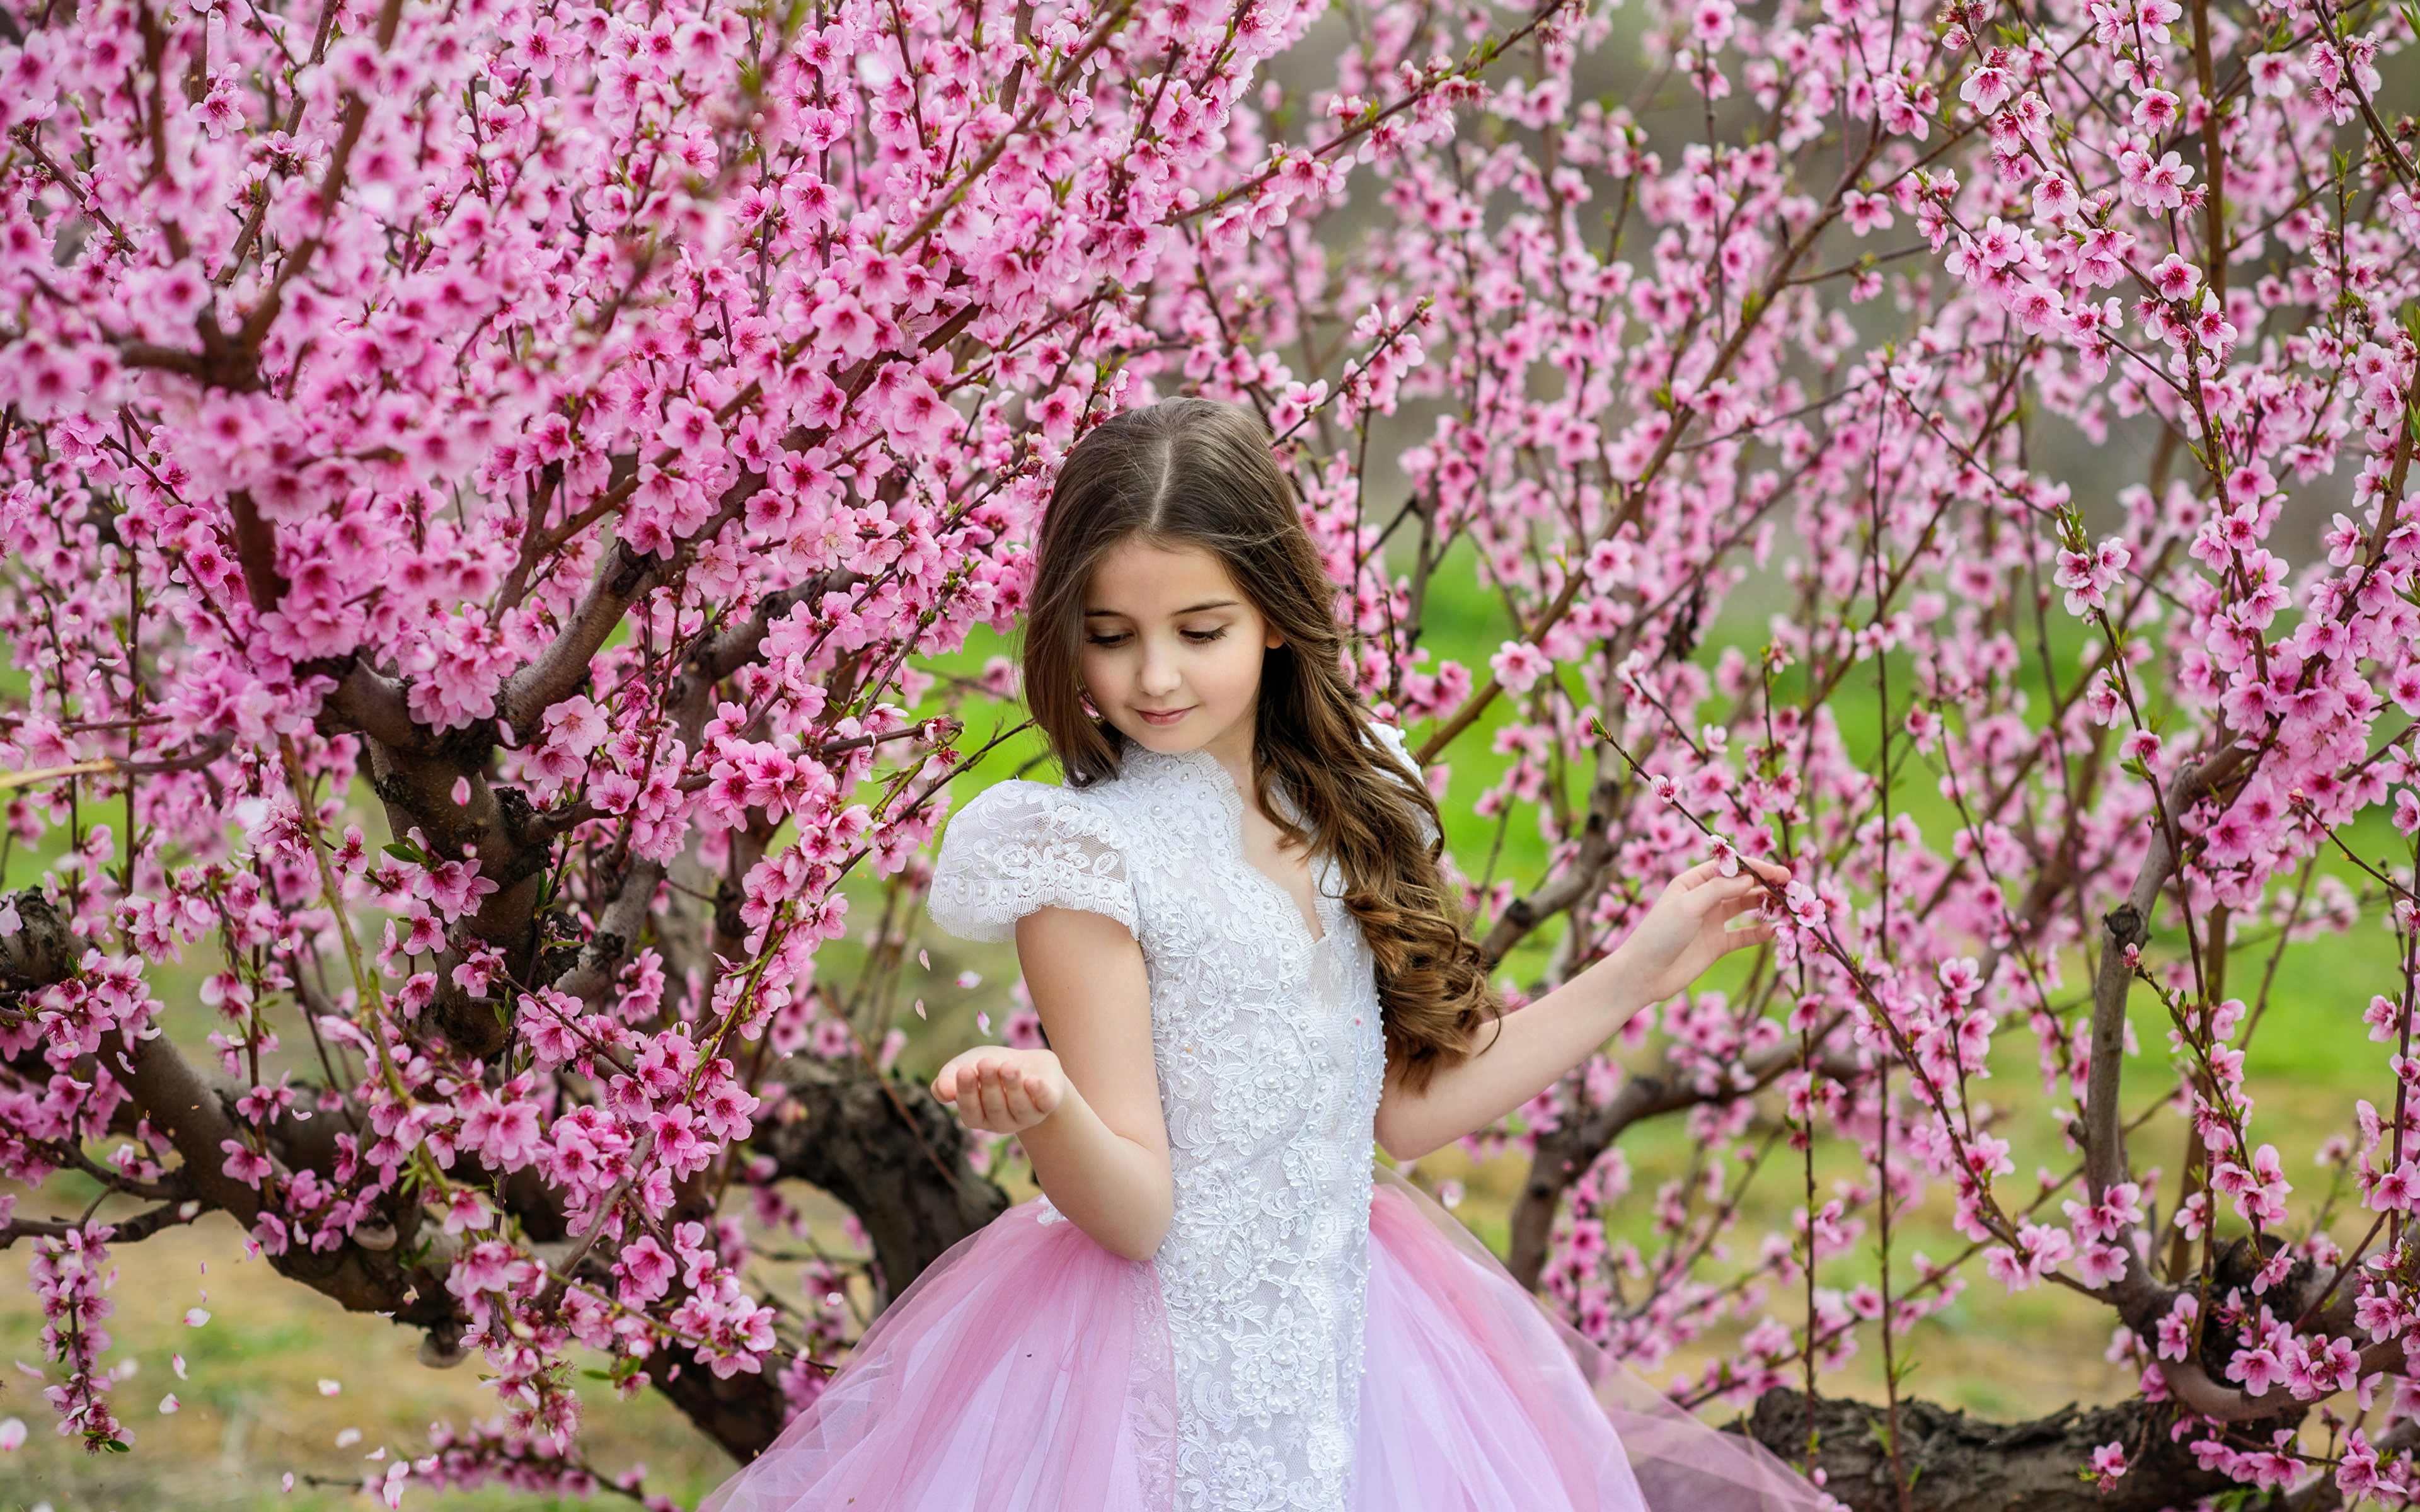 Фото Девочки ребёнок весенние Платье Цветущие деревья 3840x2400 девочка Дети Весна платья